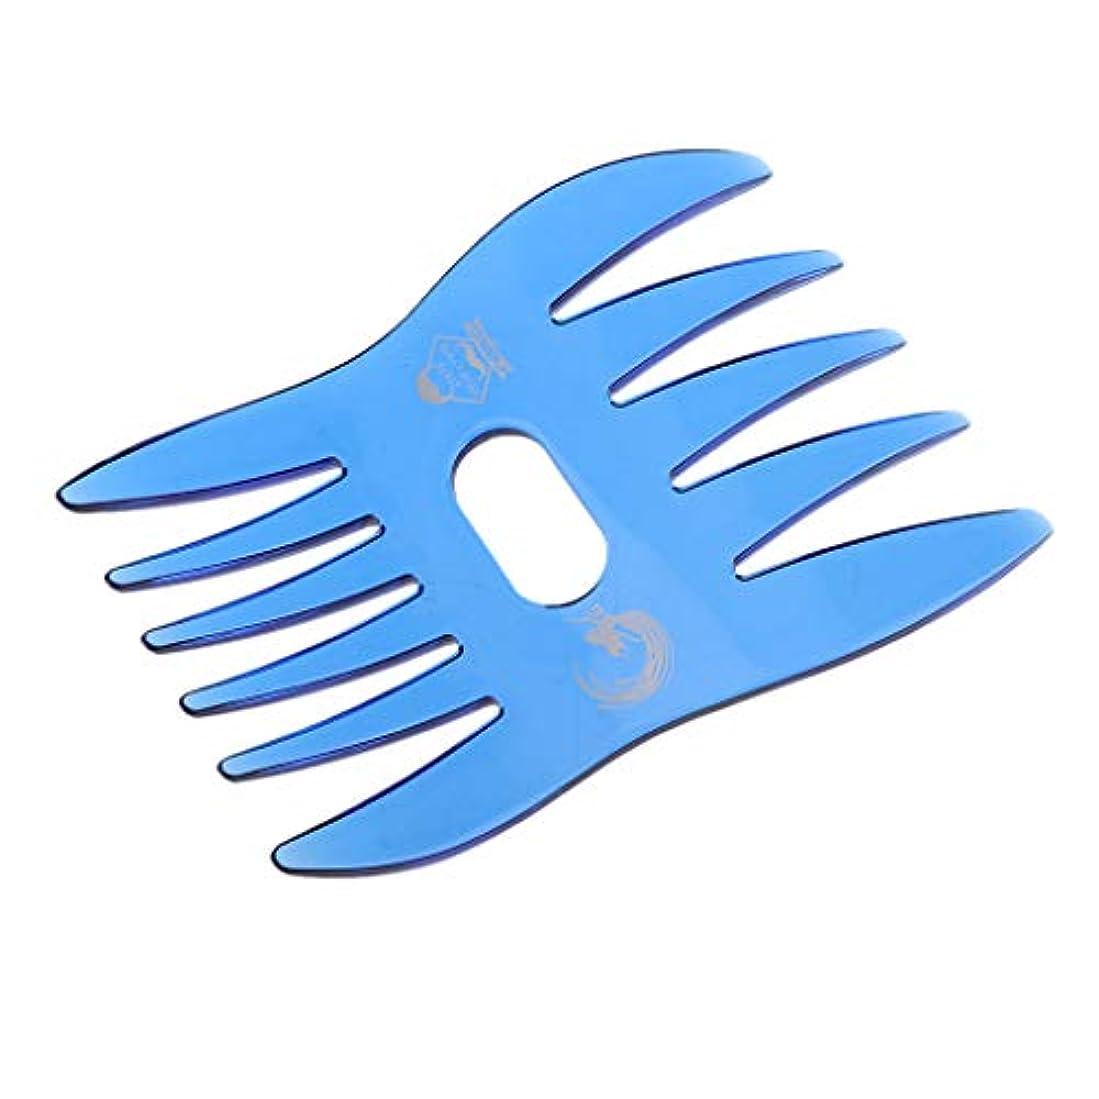 風インサート競争デュアルサイドメンズオイルヘアコンサロン 帯電防止髪 くし 口ひげ - 青